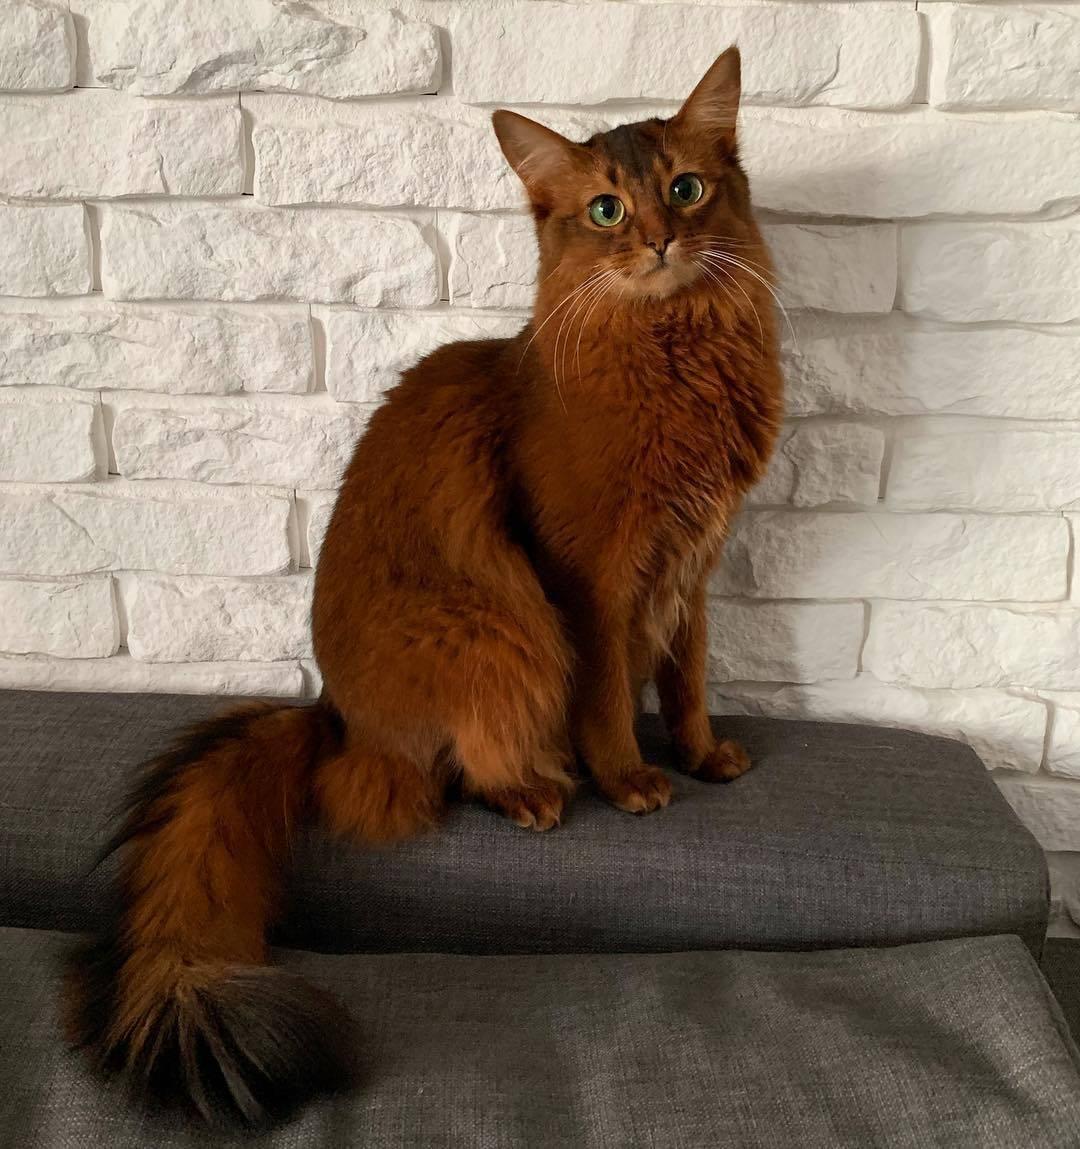 Сомалийская кошка — лисёнок, умеющий говорить: «мяу!»